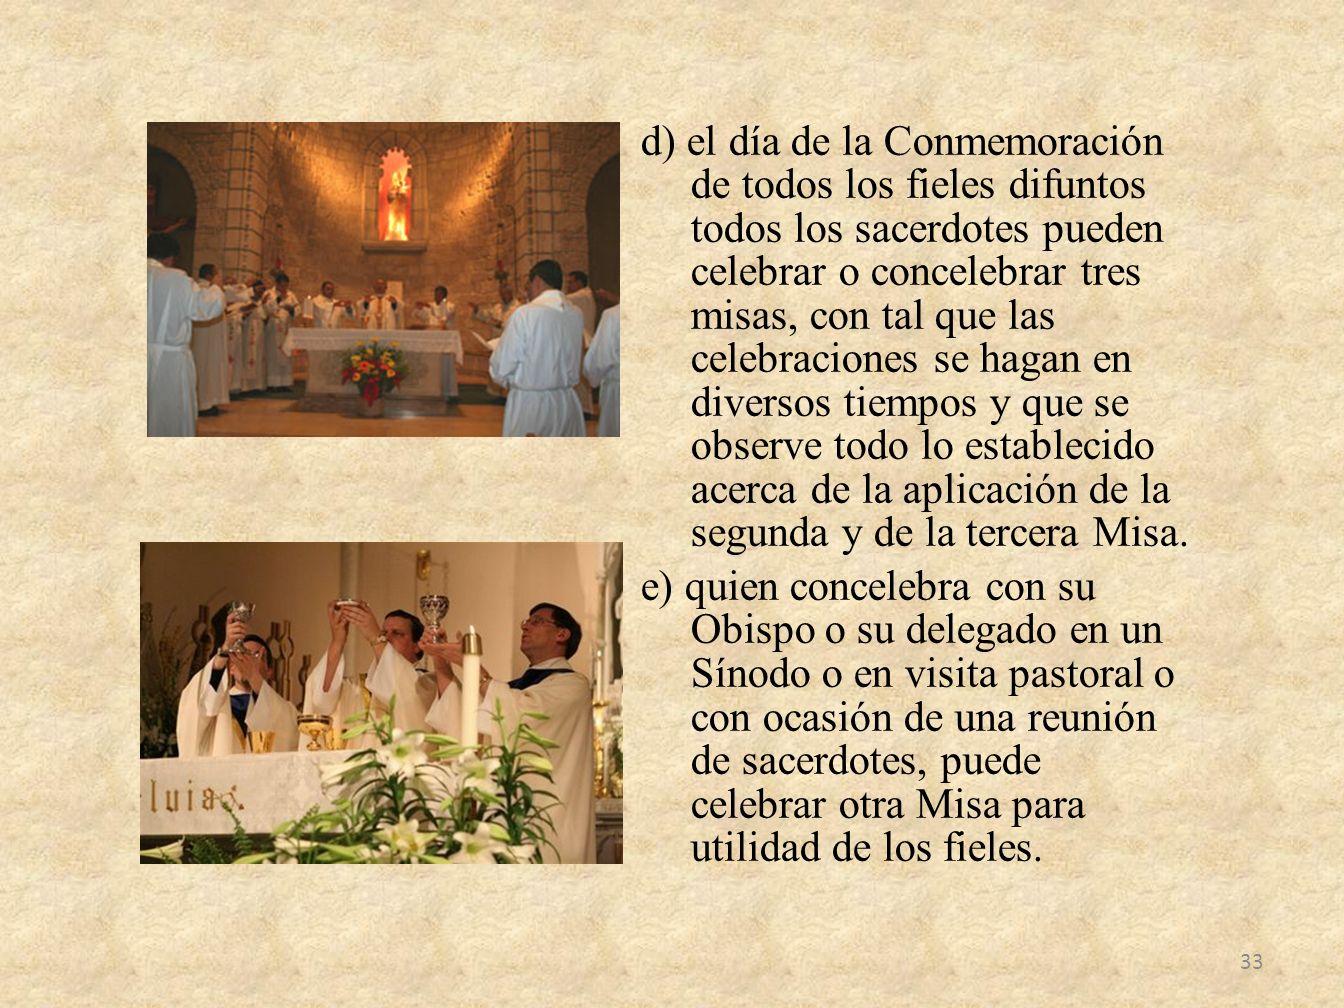 d) el día de la Conmemoración de todos los fieles difuntos todos los sacerdotes pueden celebrar o concelebrar tres misas, con tal que las celebraciones se hagan en diversos tiempos y que se observe todo lo establecido acerca de la aplicación de la segunda y de la tercera Misa.